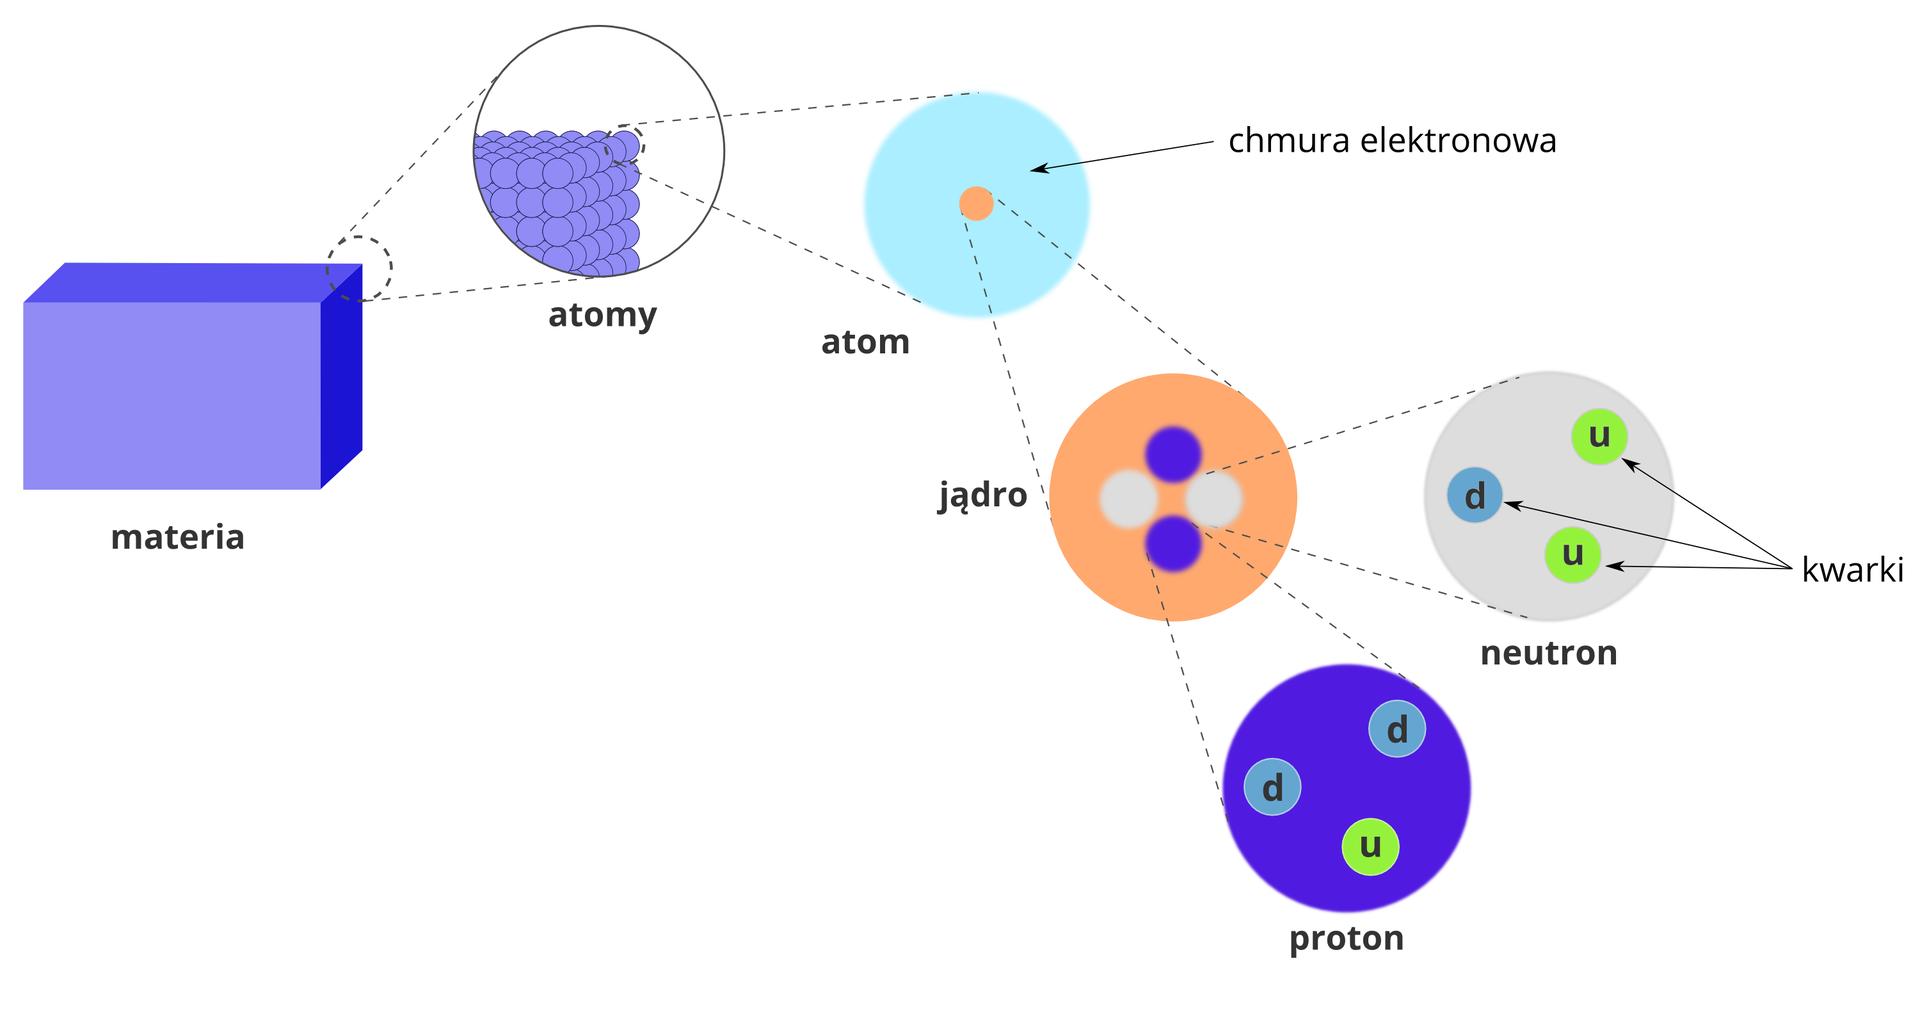 Ilustracja przedstawia schemat budowy materii zpodziałem na najdrobniejsze znane cząstki elementarne. Po lewej stronie znajduje się niebieski prostopadłościan zwyróżnionym narożnikiem. Narożnik ten jest ukazany wokręgu po prawej stronie jako składający się zkulek podpisanych Atomy. Kolejne zbliżenie na pojedynczą kulkę, również wokręgu po prawej stronie prezentuje strukturę atomu wpostaci pomarańczowo zaznaczonego jądra iturkusowo zaznaczonej chmury elektronowej. Kolejne zbliżenie przedstawia strukturę jądra wpostaci pomarańczowego koła wewnątrz którego kolorem szarym zaznaczono dwa neutrony, aniebieskim dwa protony. Ostatnie dwa zbliżenia dotyczą wewnętrznej struktury tych dwóch cząstek elementarnych składających się zkwarków. Wewnątrz protonu na schemacie znajdują się dwa kwarki d, czyli tak zwane dolne oraz jeden kwark u, czyli górny. Wneutronie odwrotnie - dwa kwarki uijeden d.